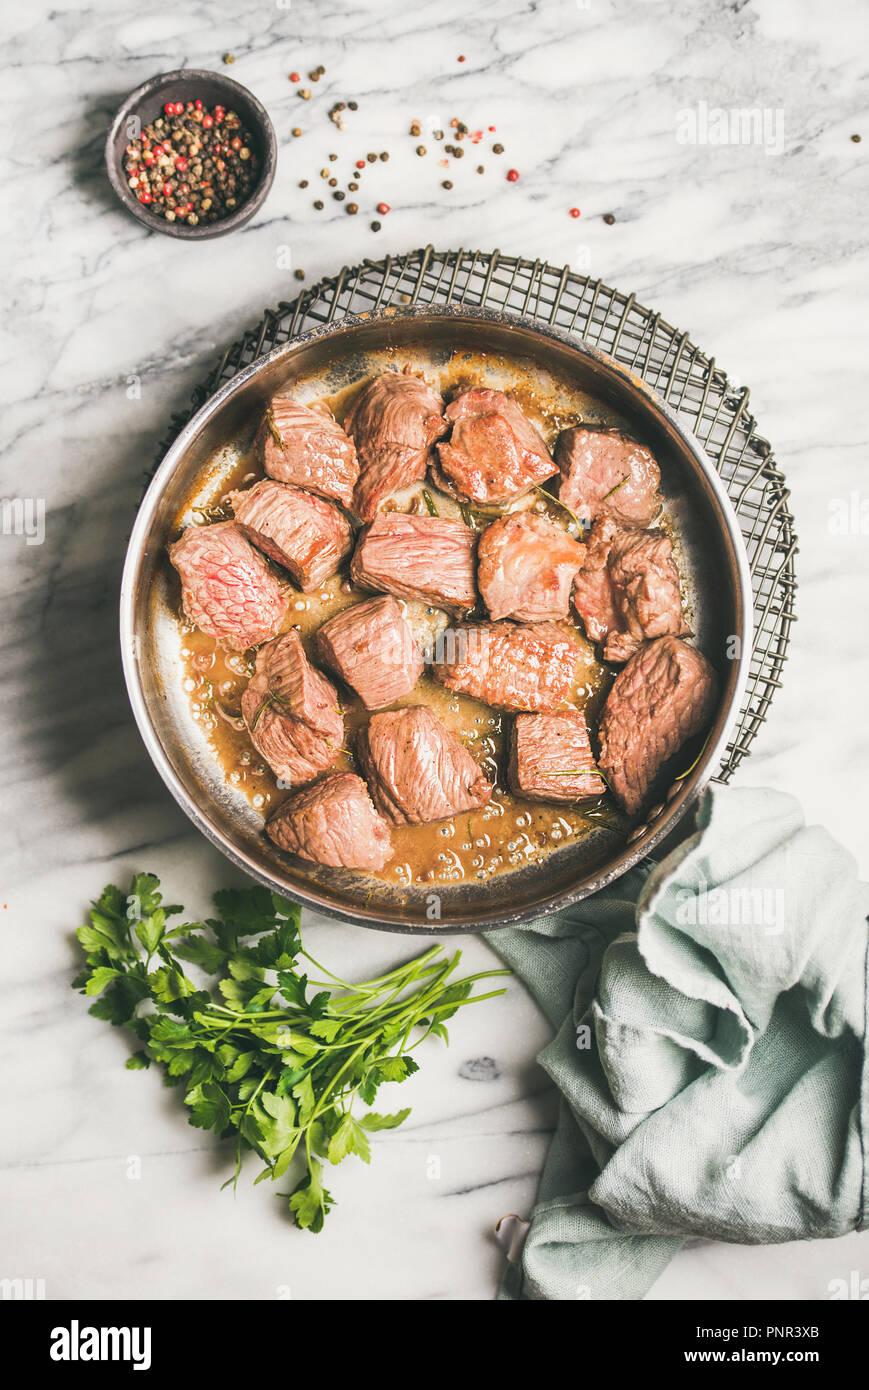 Ragoût de viande de bœuf braisé avec du persil dans le plat de cuisson Photo Stock